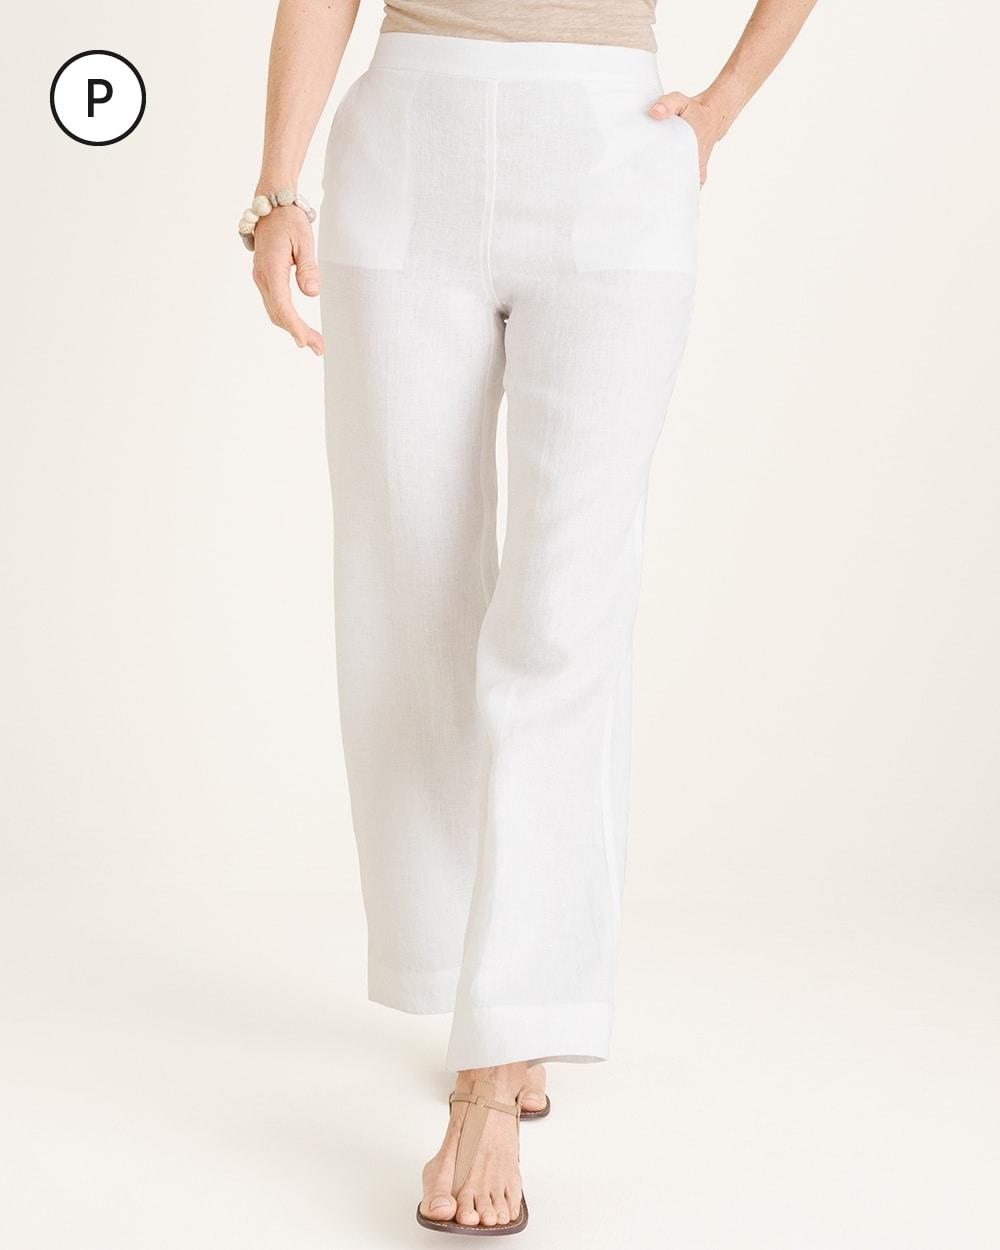 6d978155c76c Petite Straight-Leg Linen Pants - Chico's